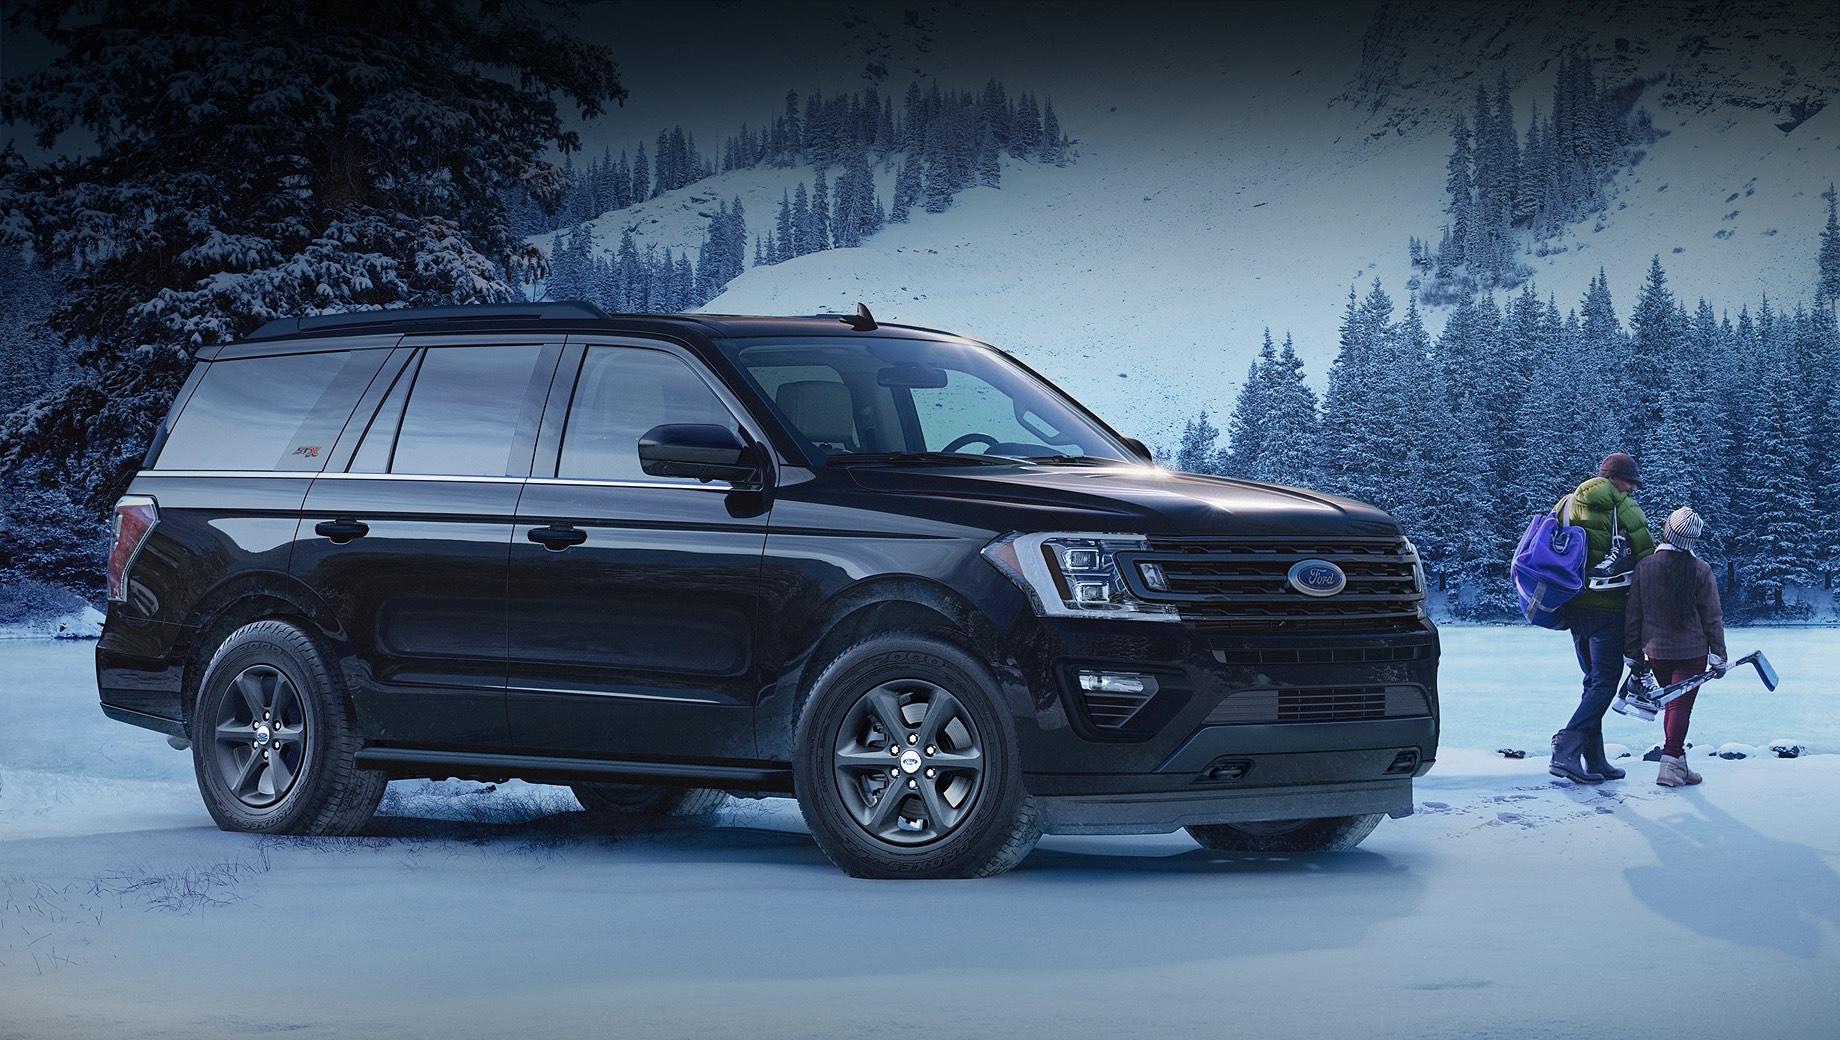 Ford Expedition XL STX предложил пятиместный салон